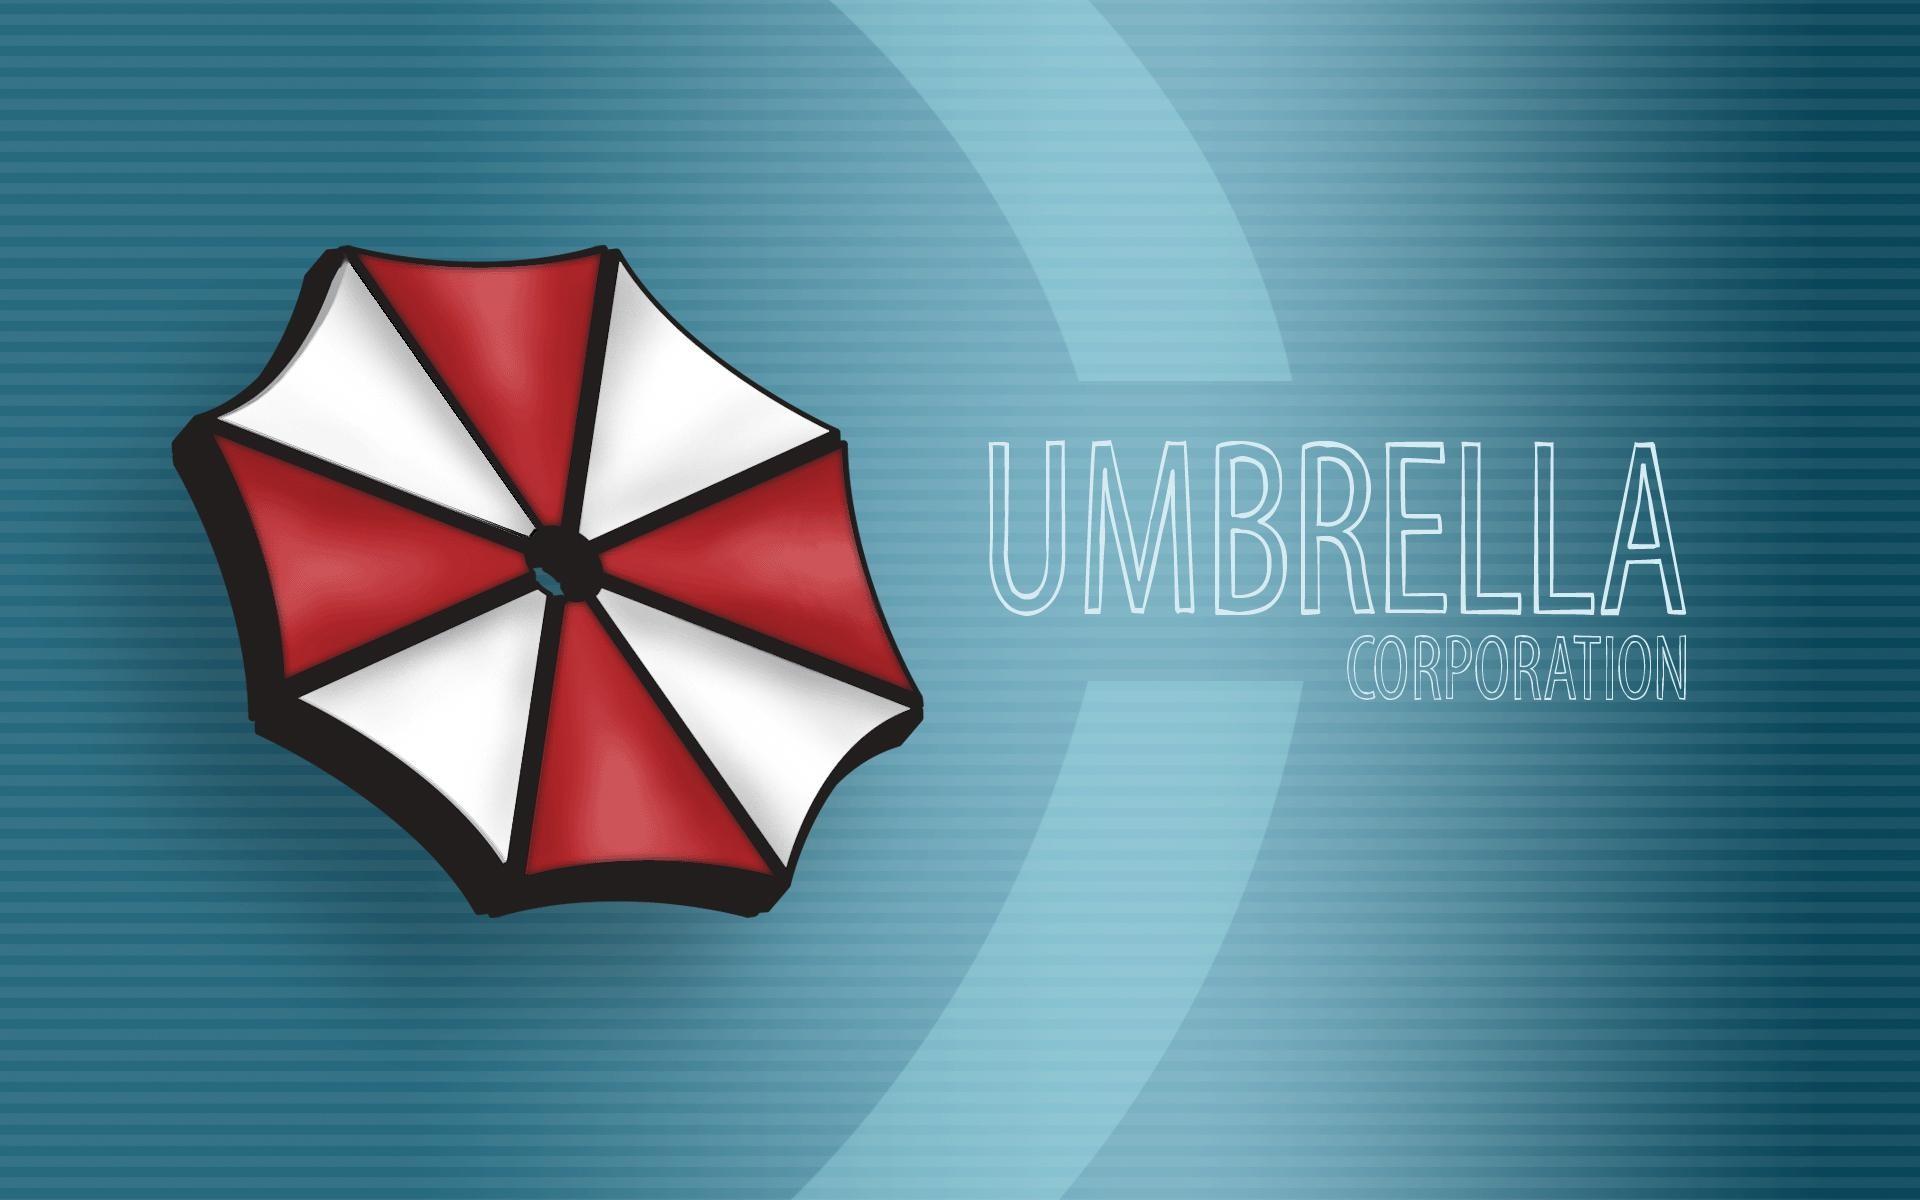 Umbrella Corporation Live Wallpaper 77 Images